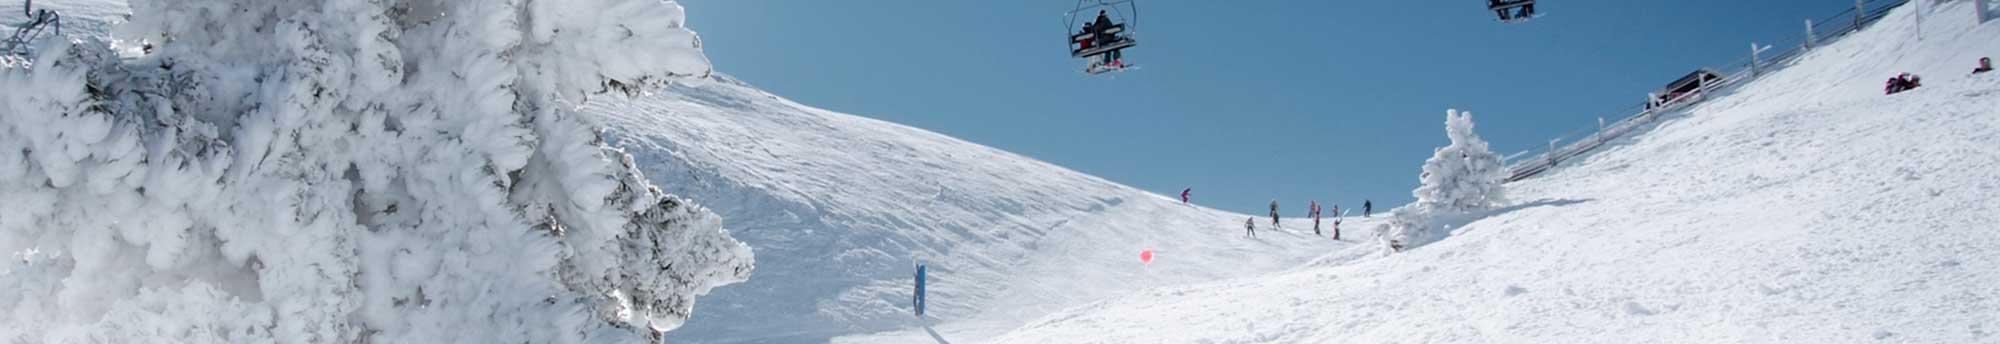 Esquí en Candanchú